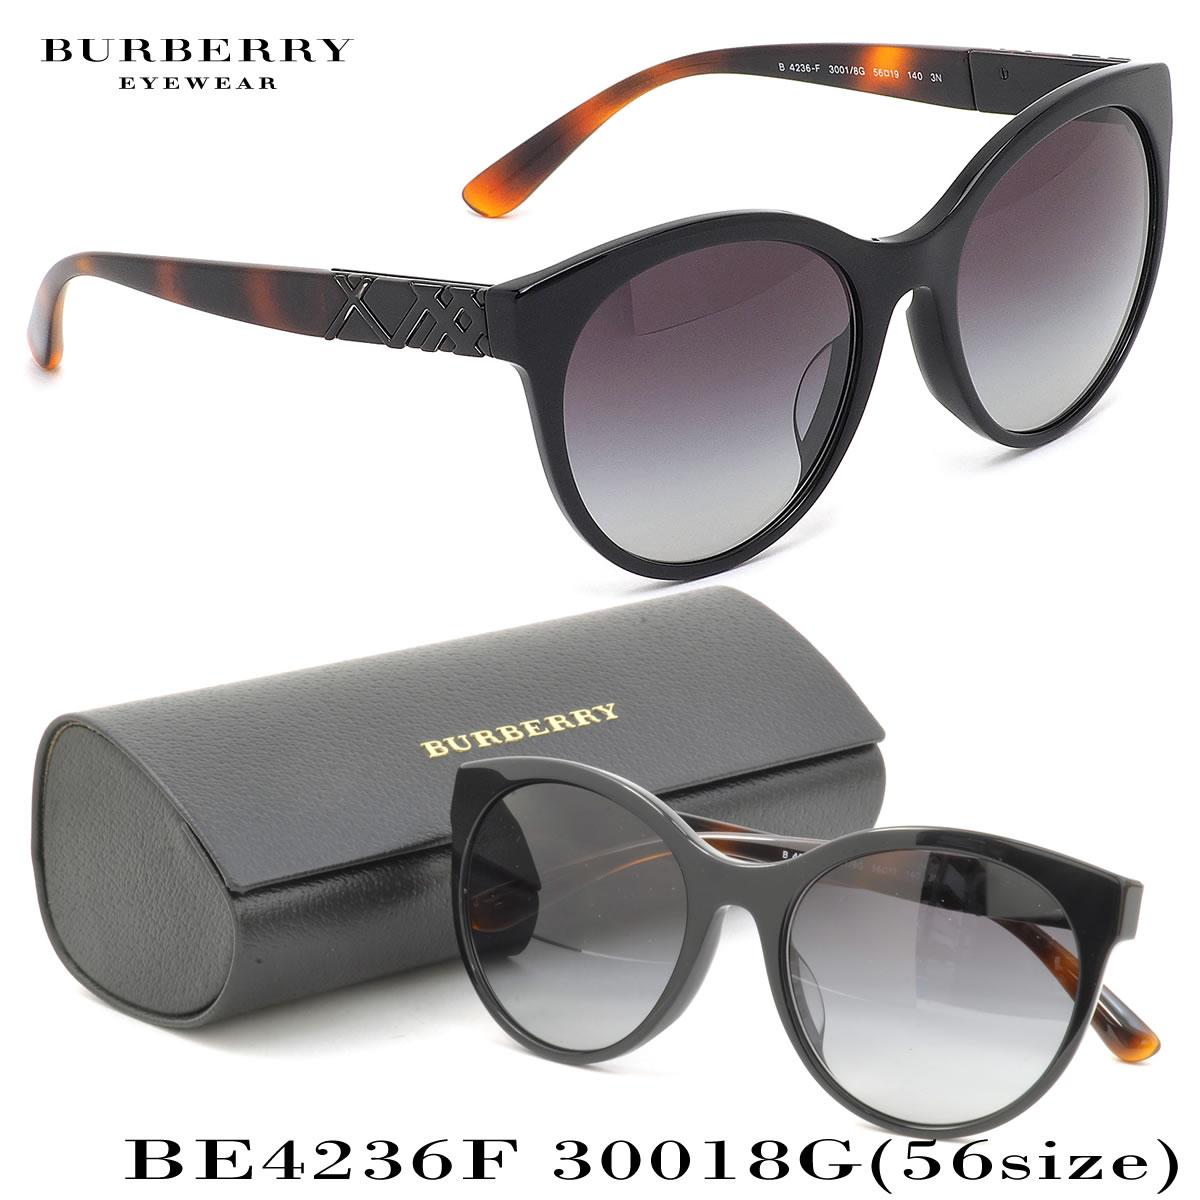 バーバリー BURBERRY サングラス BE4236F 30018G 56サイズ ラウンド ボストン アジアンフィット バーバリー BURBERRY メンズ レディース BURBERRY メンズ レディース